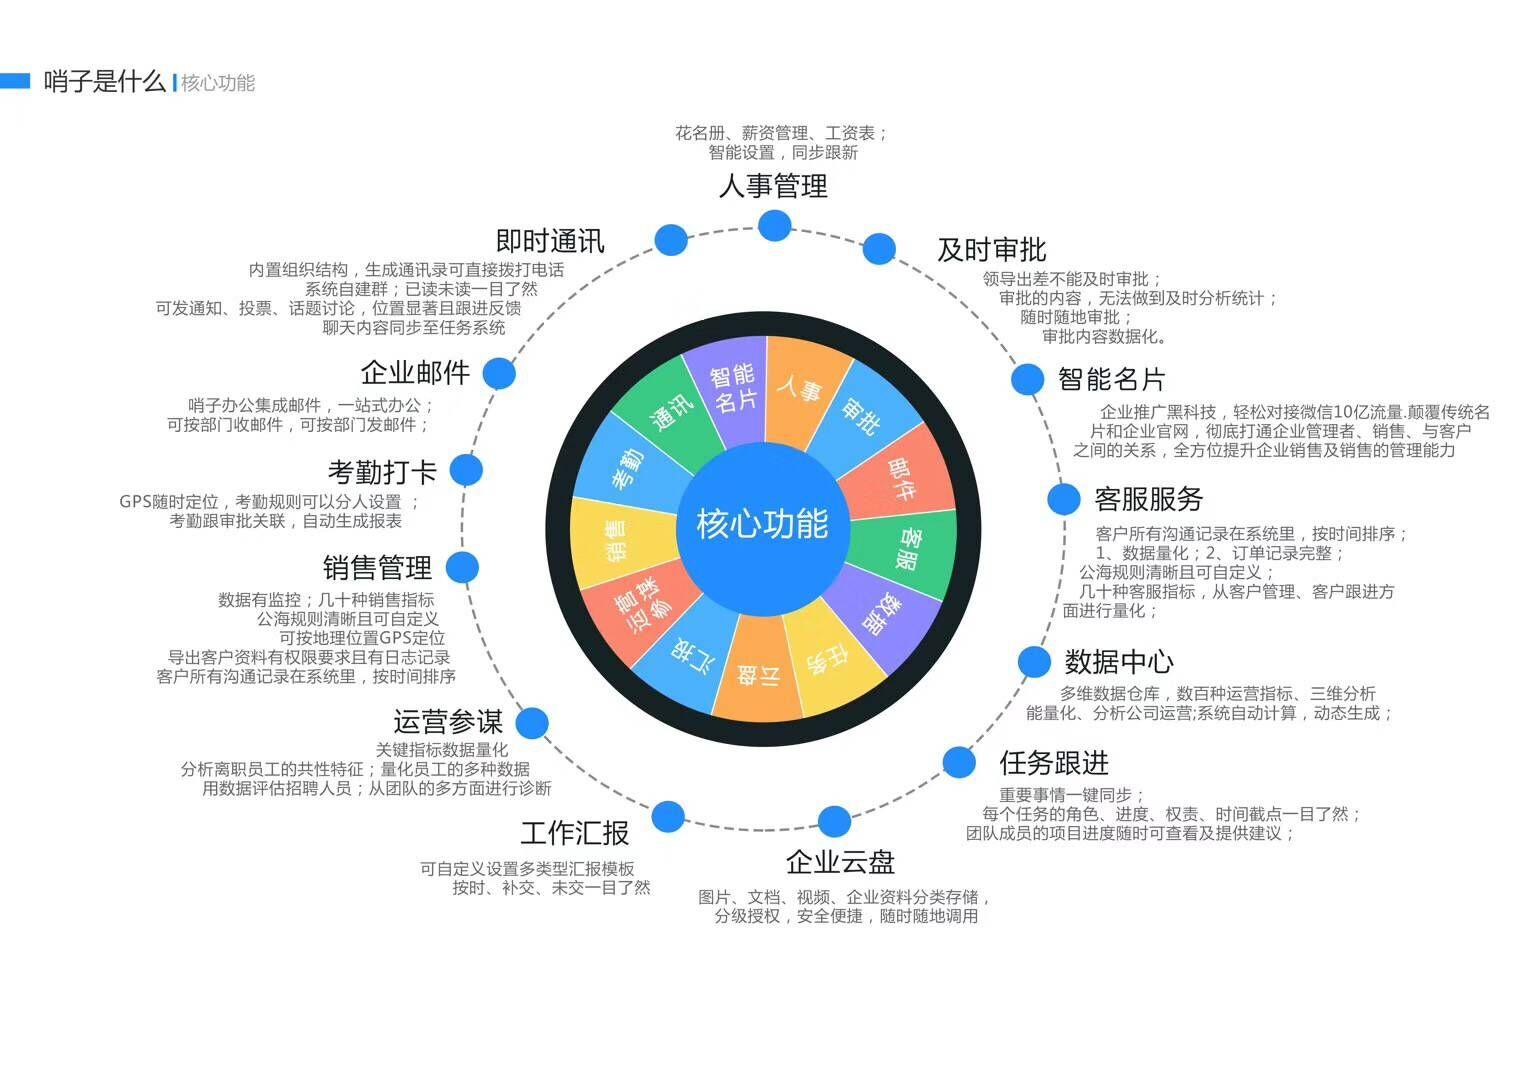 靠谱的哨子办公-打造企业智能CEO哪里有_可信的郑州移动办公